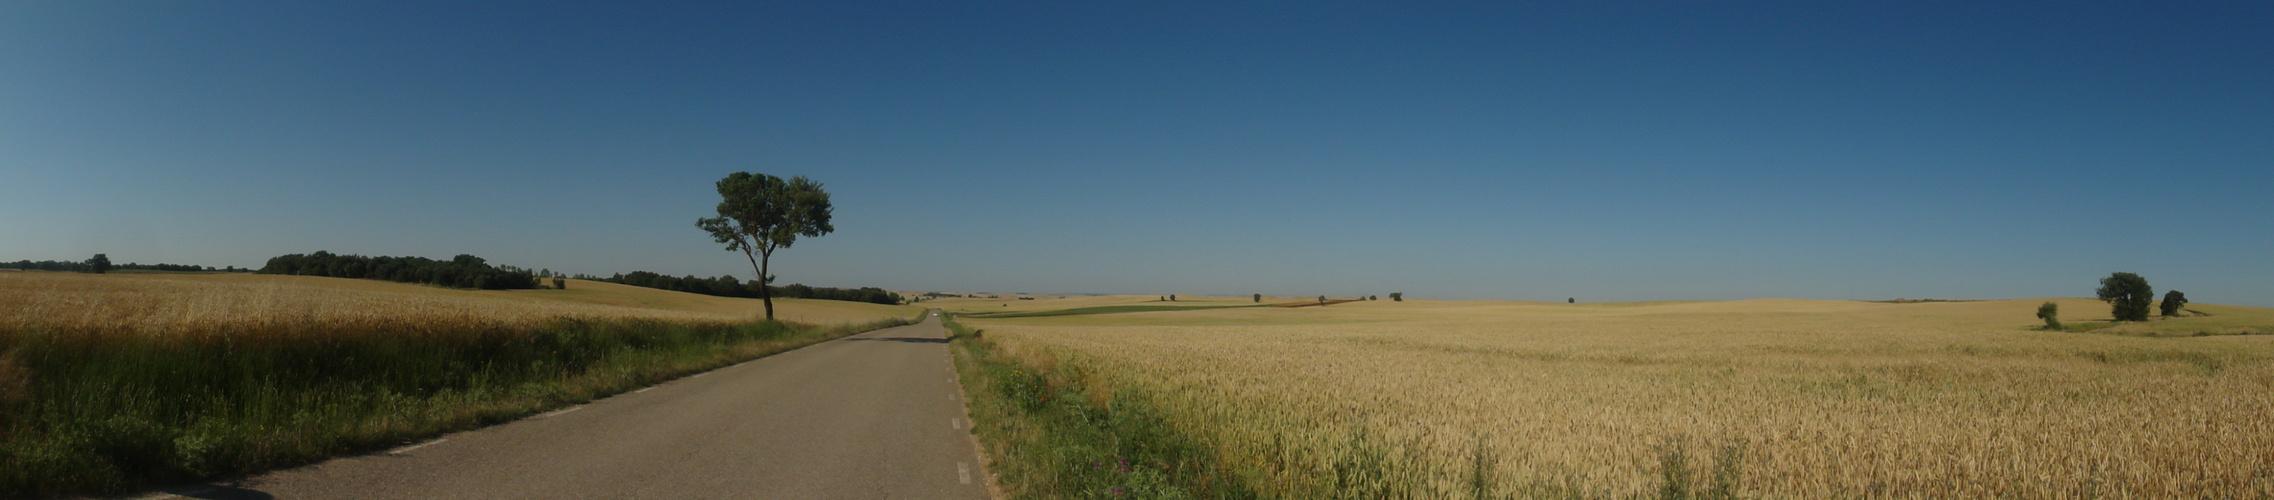 Unendliche Straßen in Kastilien bei Burgos